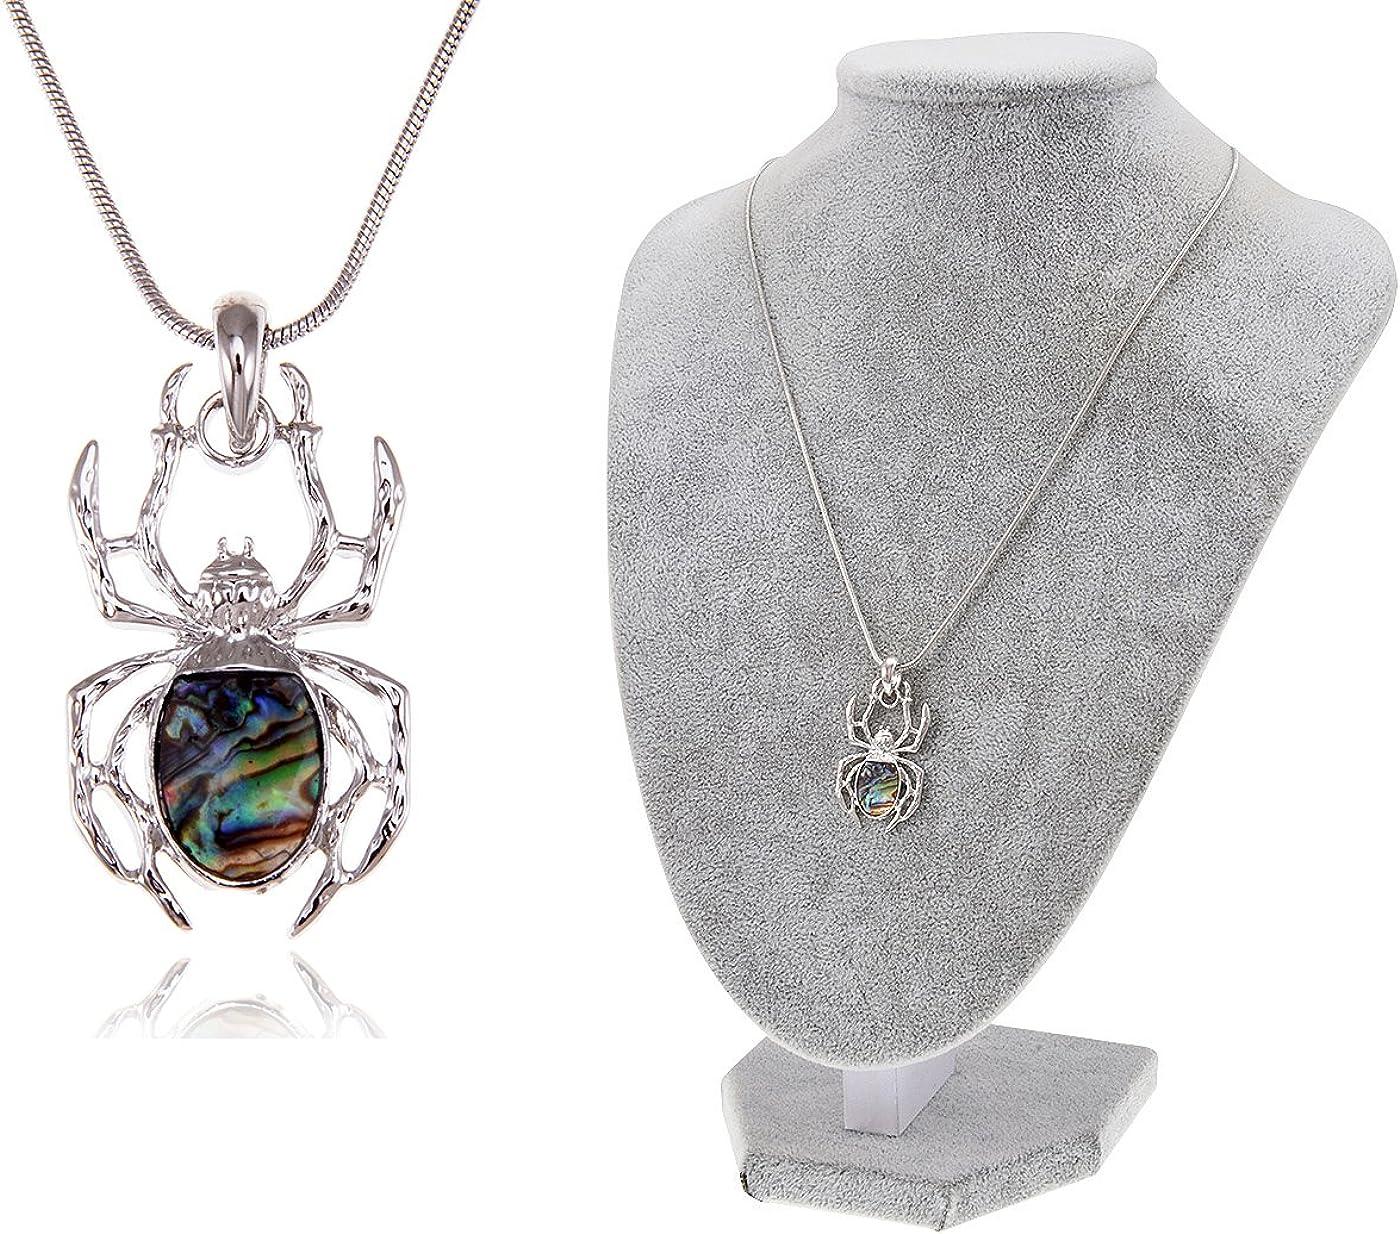 Blanco Plata Diamantes De Imitación de Cristal Checo Araña Insecto Bug Colgante Collar Joya